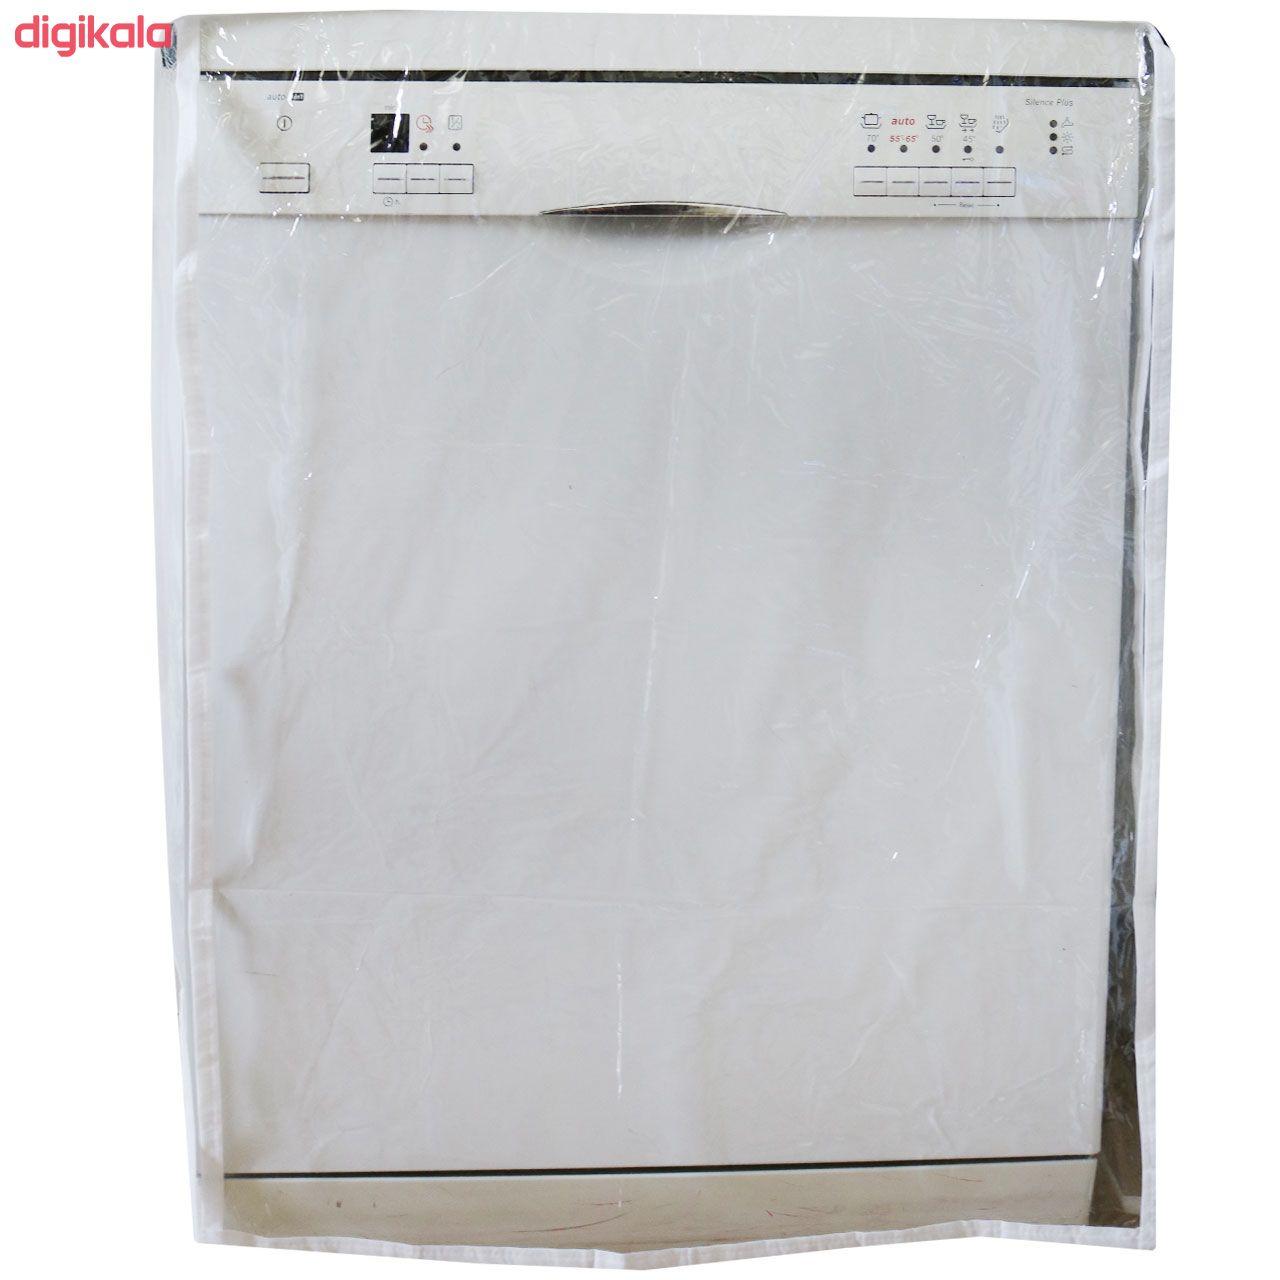 کاور ماشین لباسشویی کد 01 main 1 1